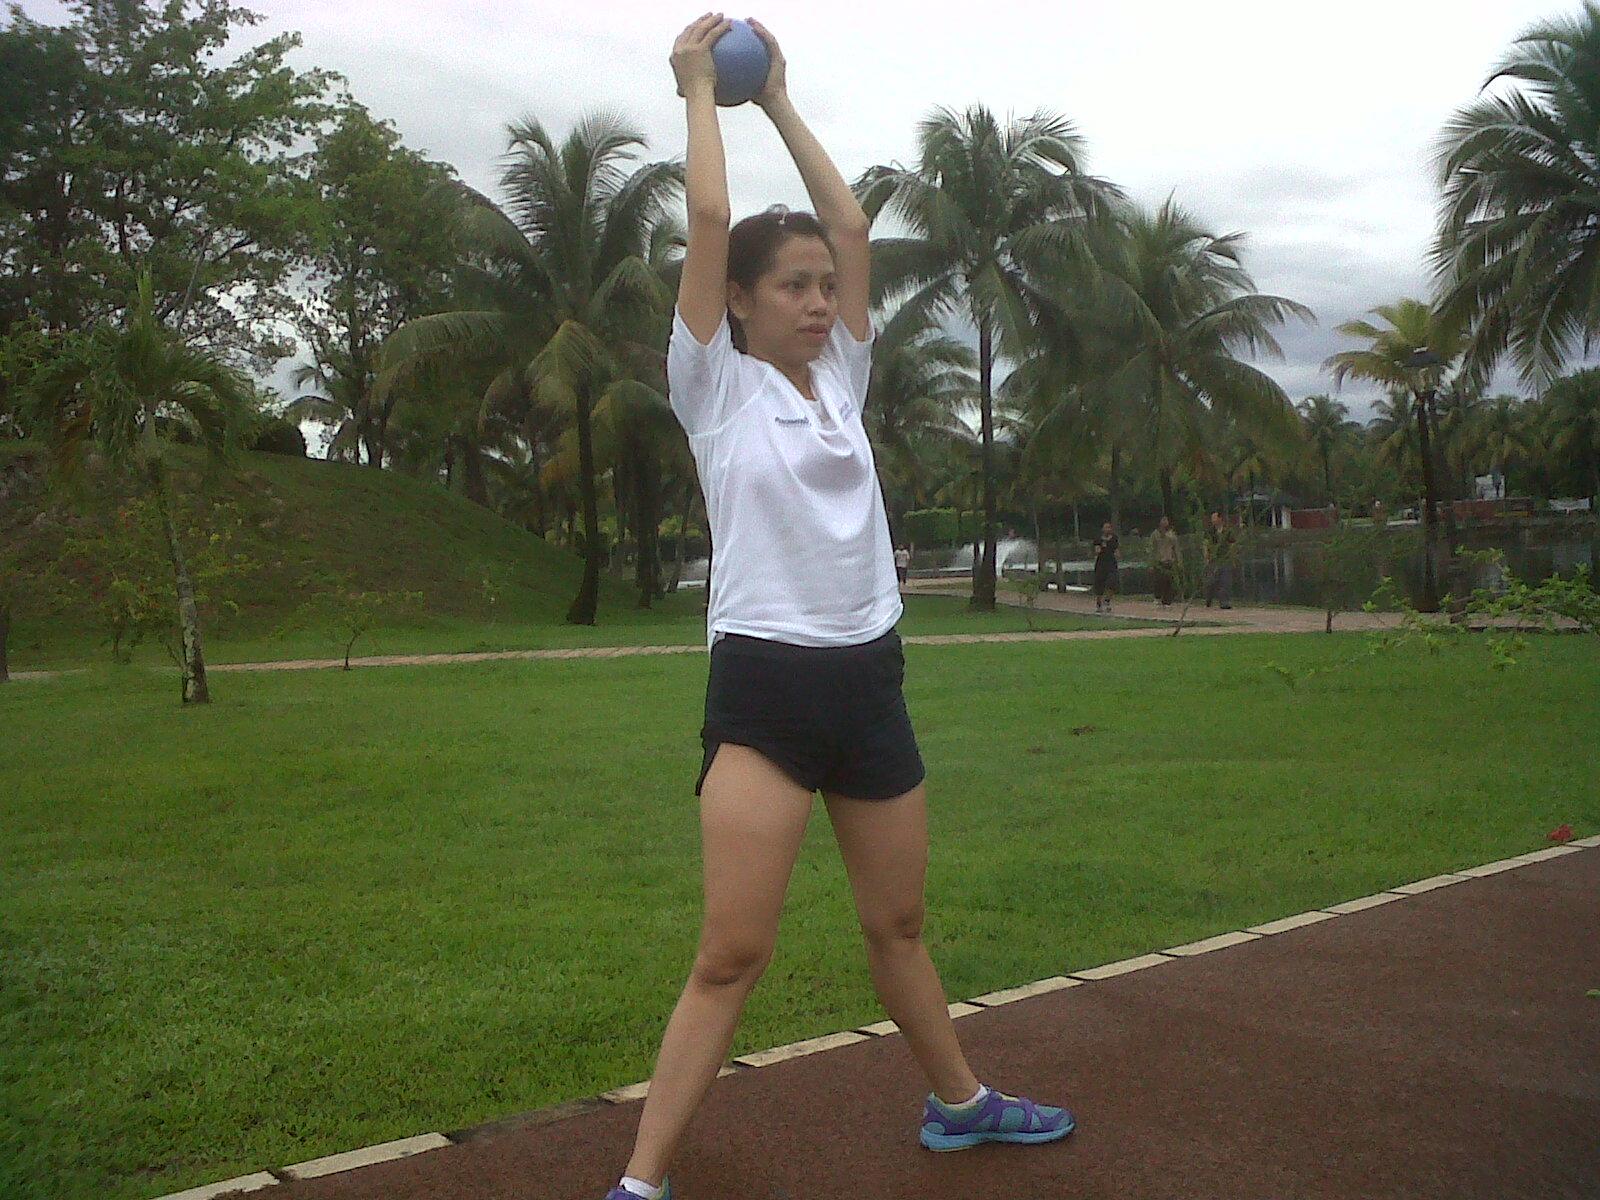 CopeaFit: Leg Exercise with Medicine Ball ( sumo squat + overhead